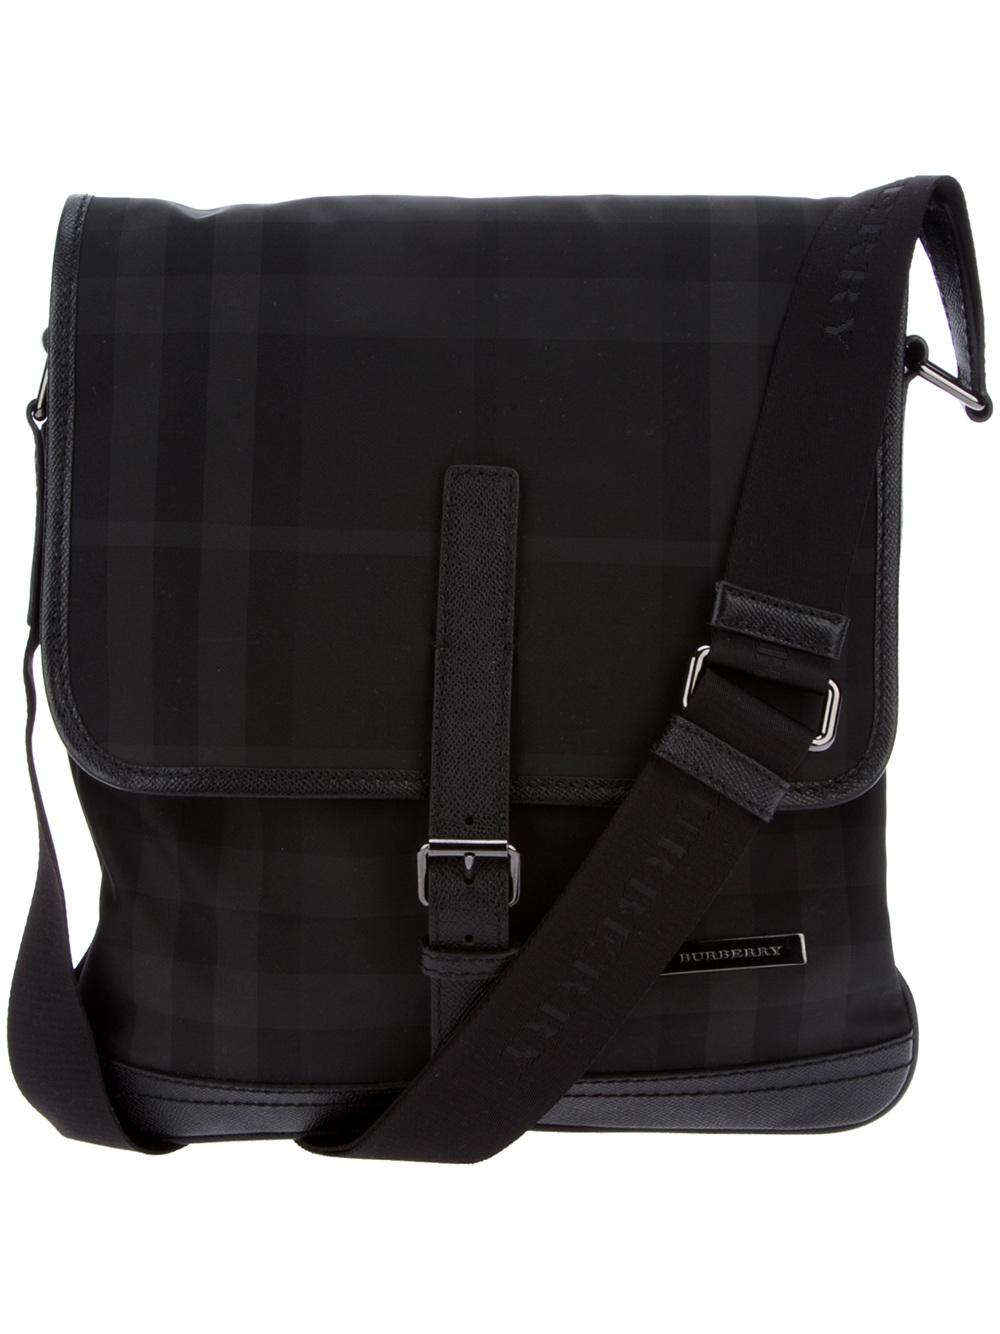 Lyst - Burberry Messenger Bag in Black for Men bf6d5b475c148